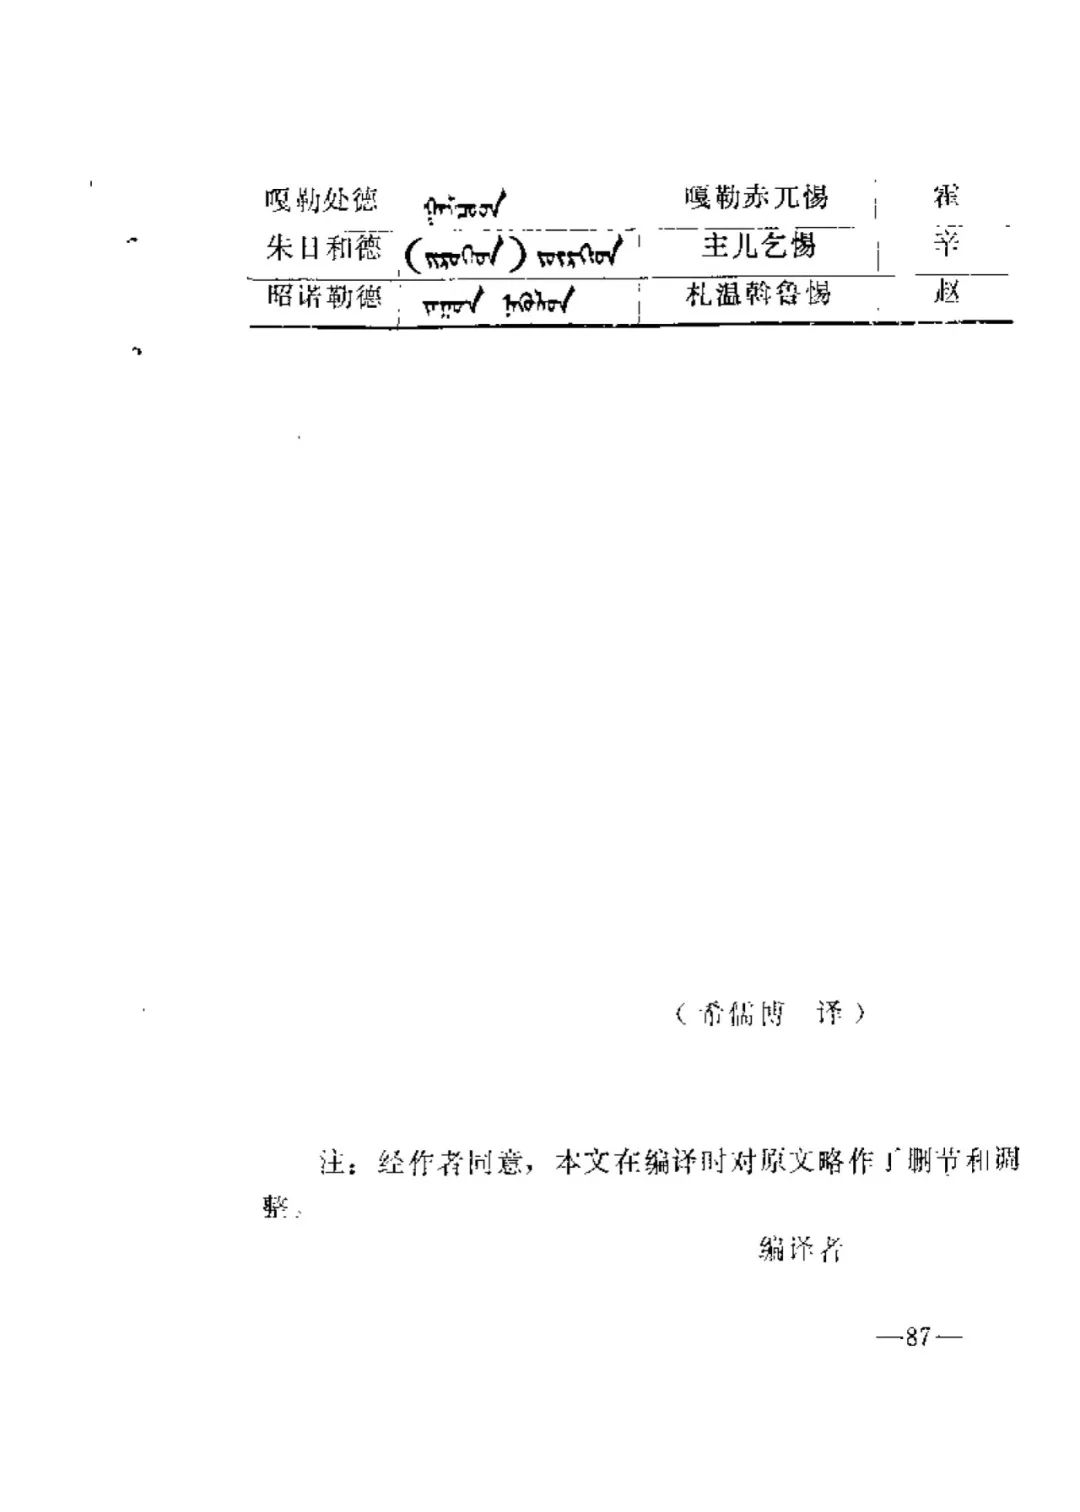 奈曼旗蒙古族姓氏浅解 第7张 奈曼旗蒙古族姓氏浅解 蒙古文化